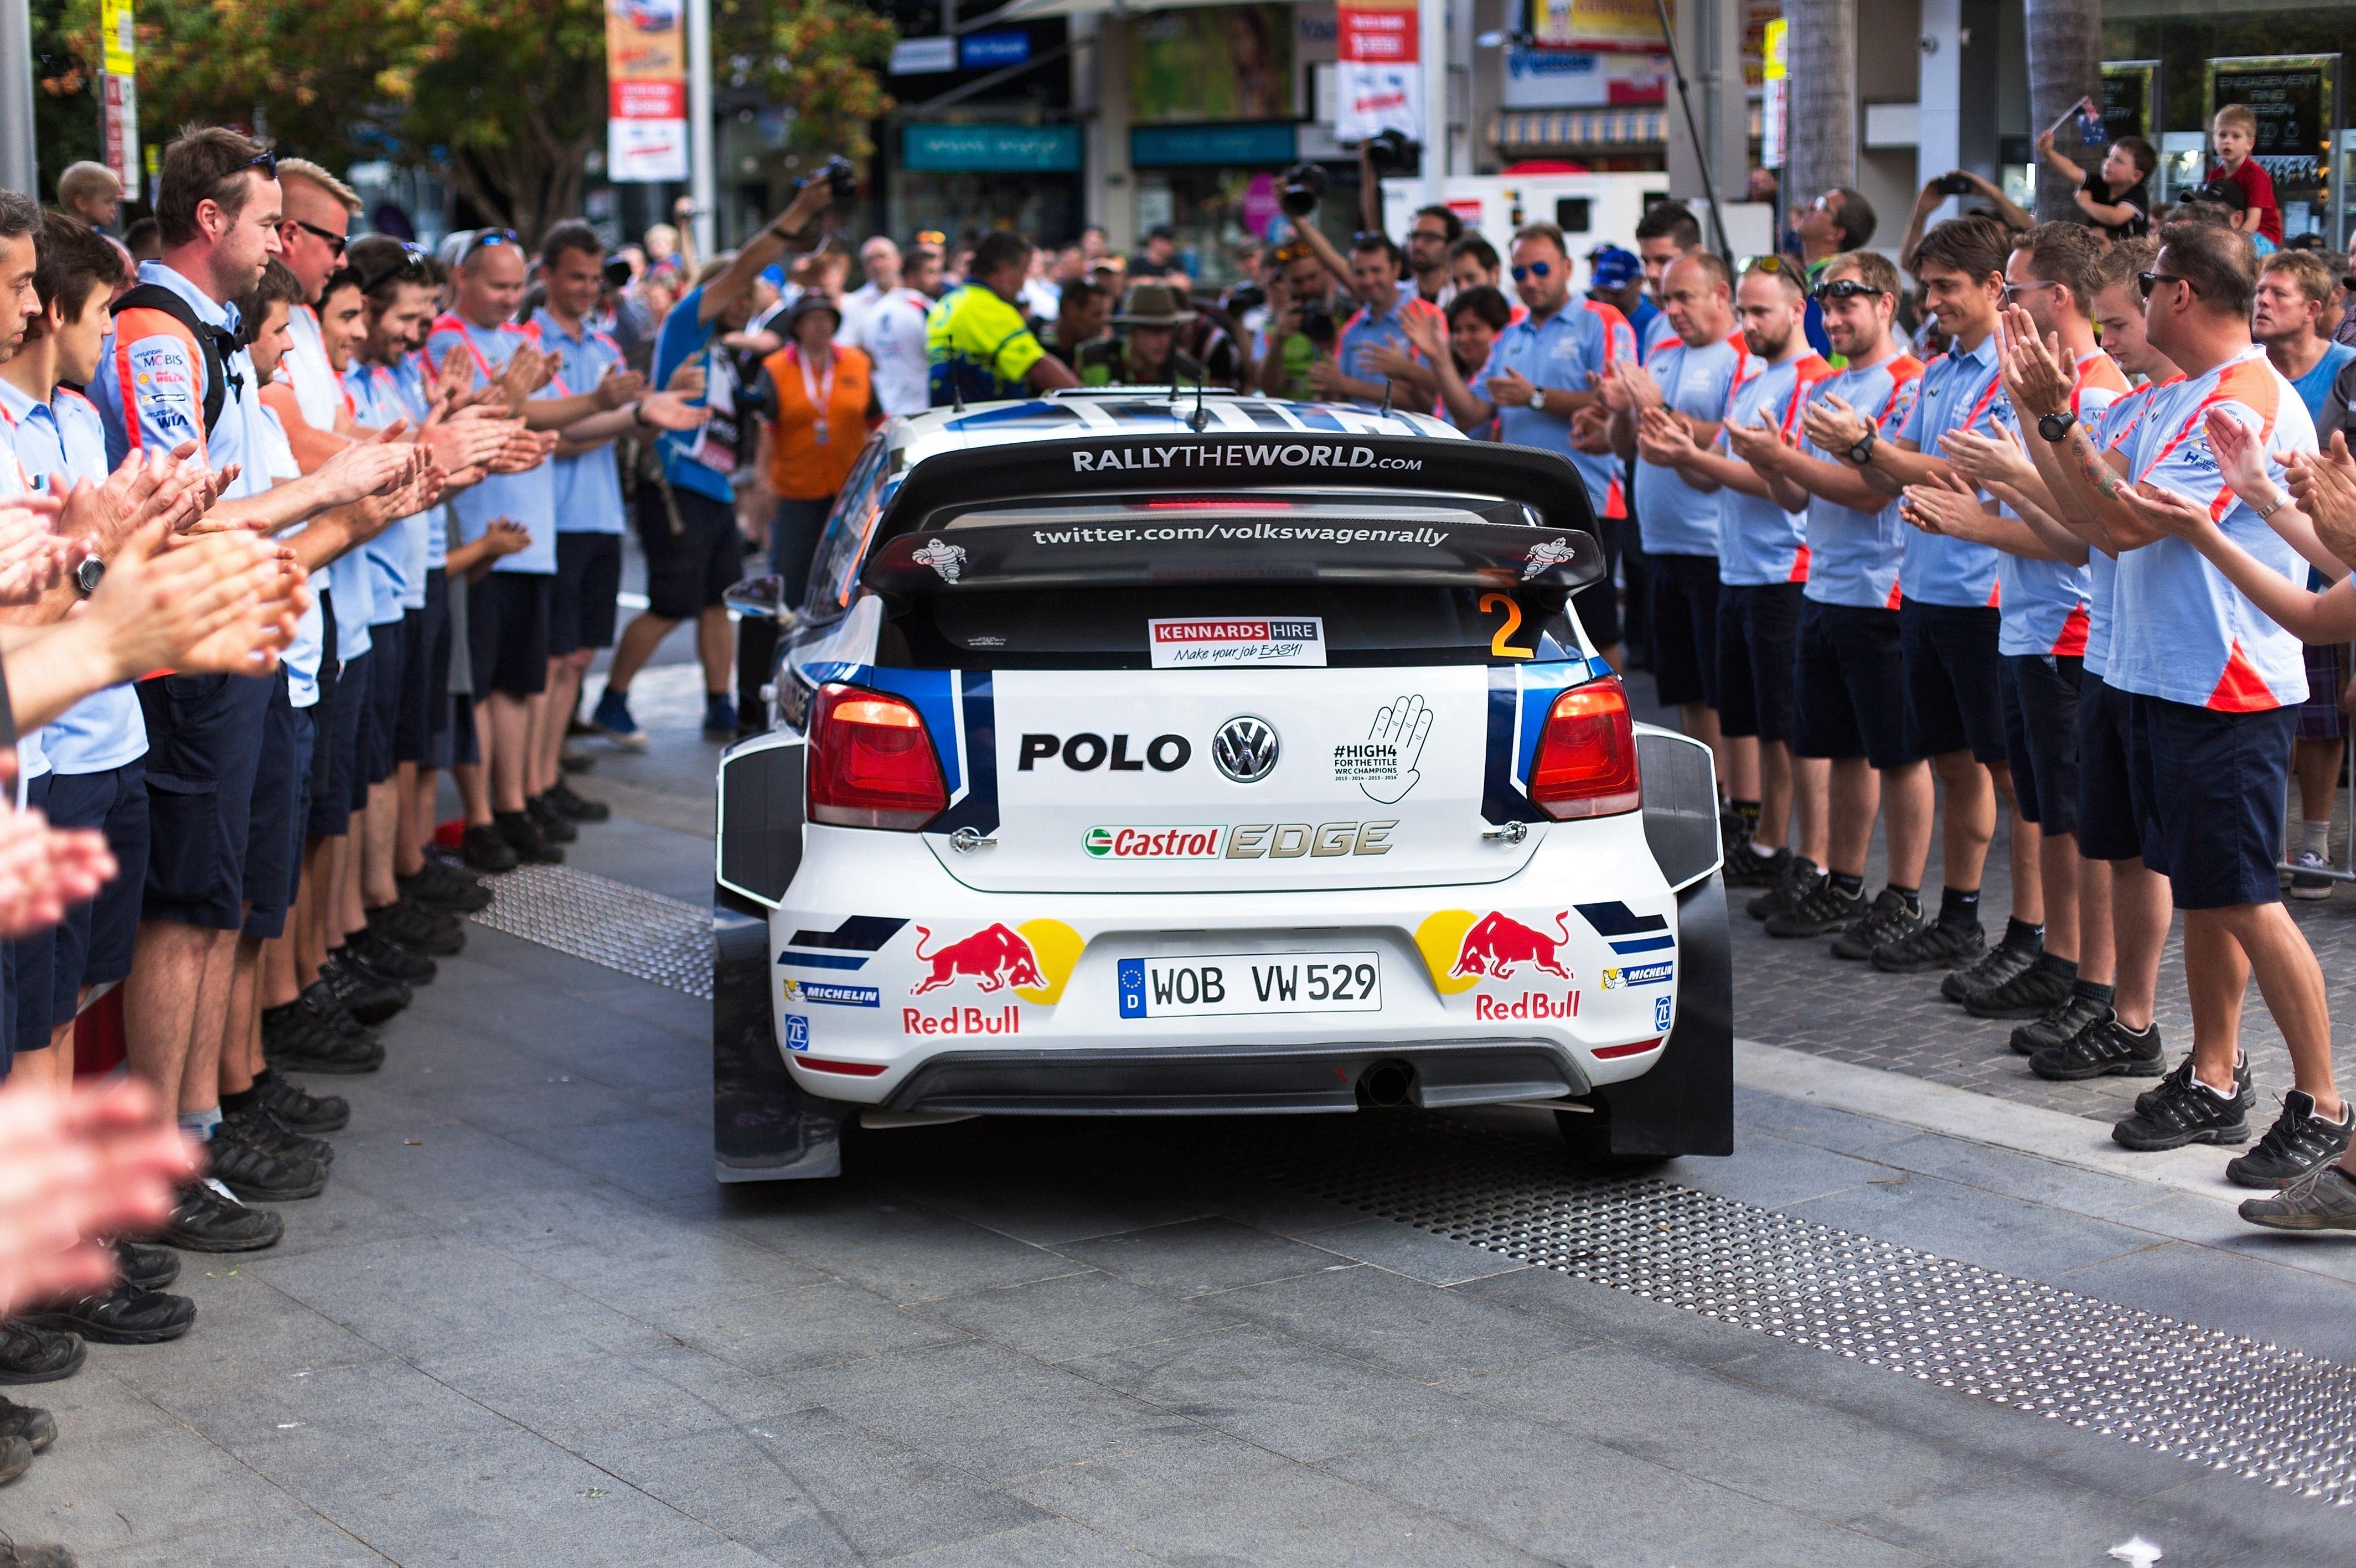 Najlepszy samochód rajdowy jaki kiedykolwiek zbudowano – Polo R WRC. #rajdy #polo #volkswagen #volkswagenpolo #rajdy #winner #cars #volkswagenteam